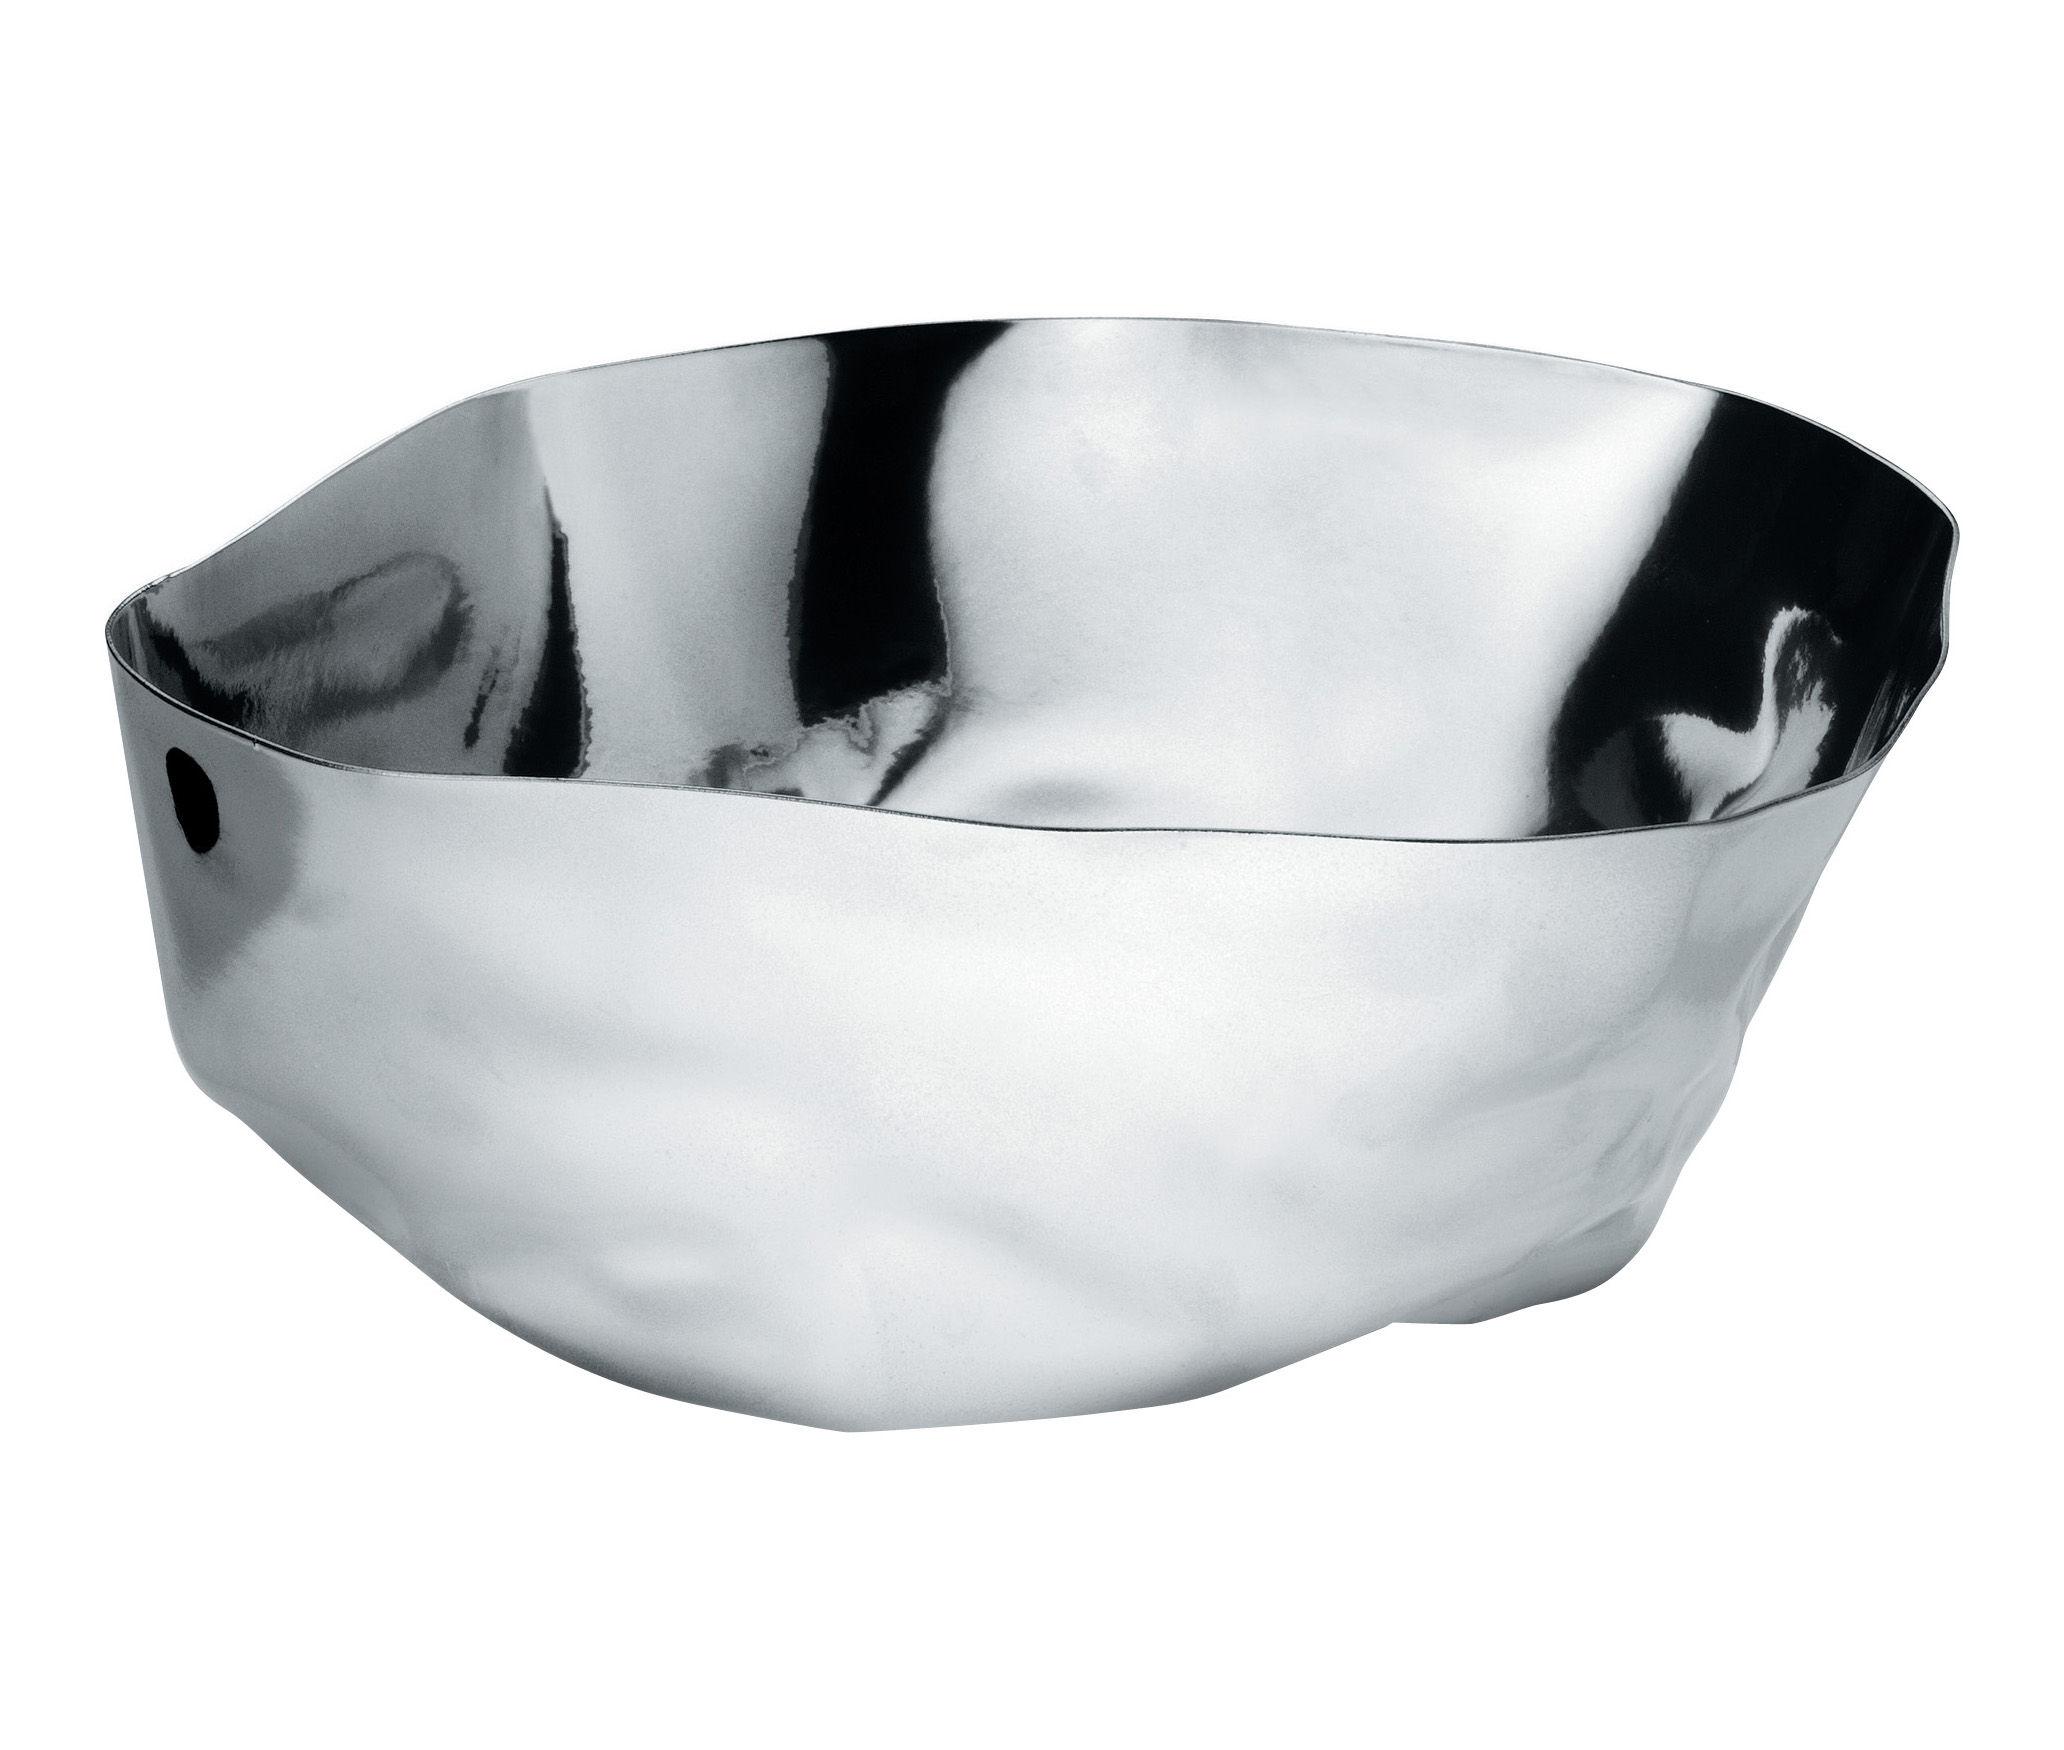 Arts de la table - Saladiers, coupes et bols - Saladier Enriqueta / 28 x 25 cm - Alessi - Acier brillant - Acier